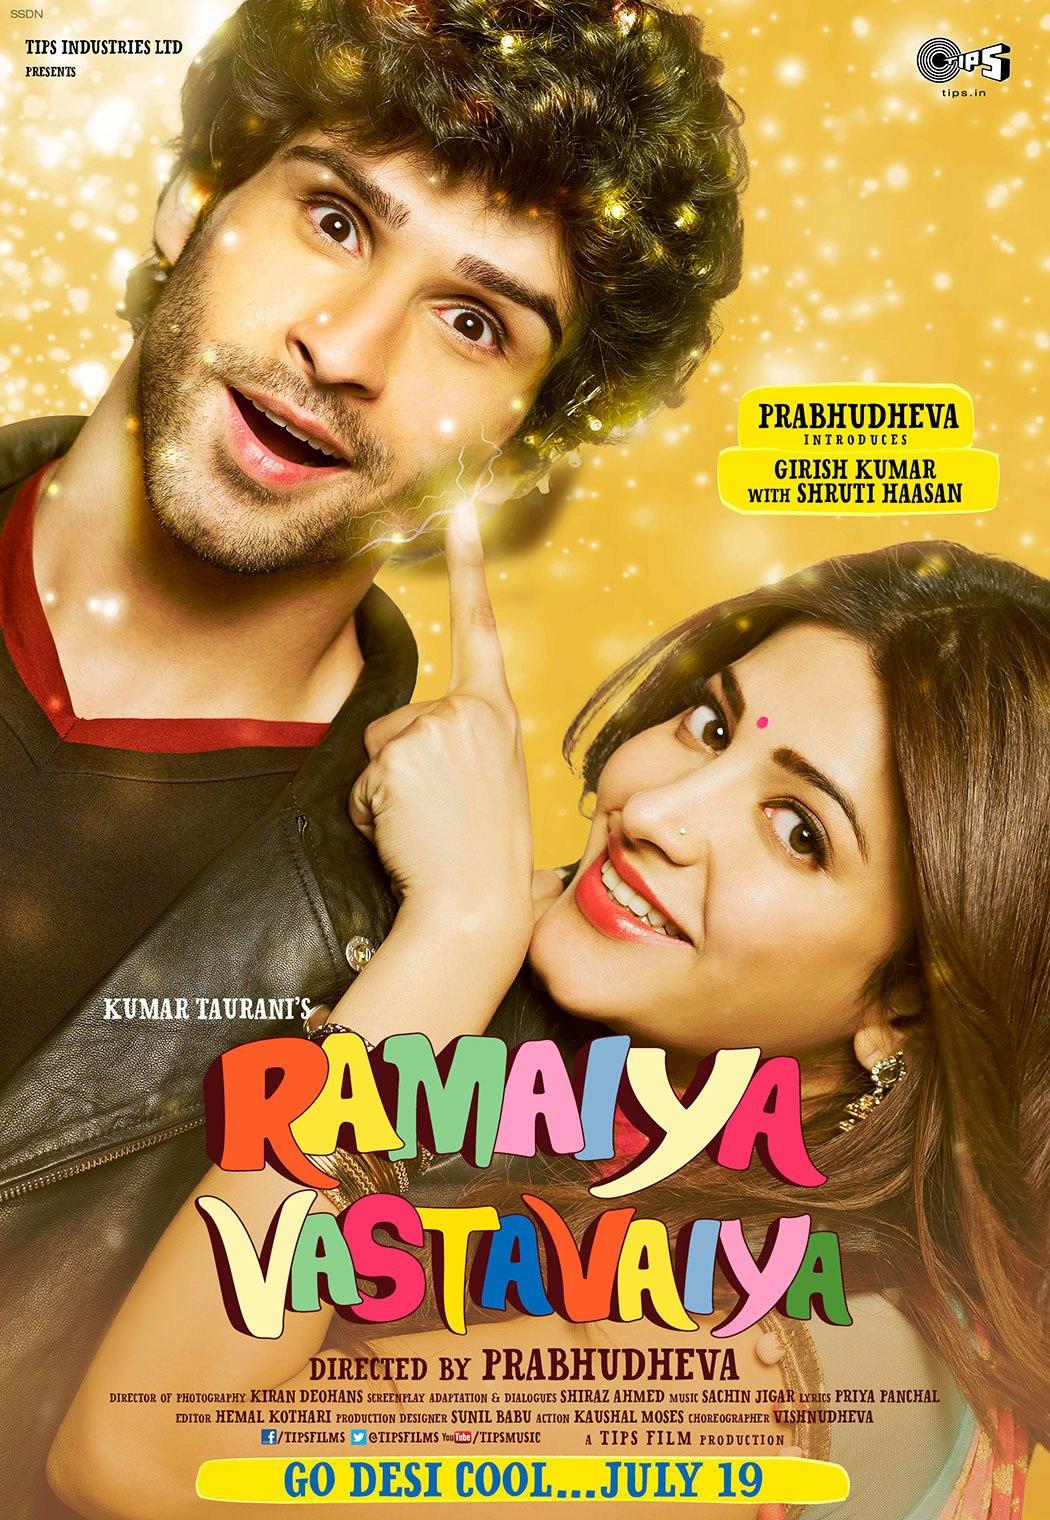 Ramaiya Vastavaiya - Movie Poster #14 (Original)